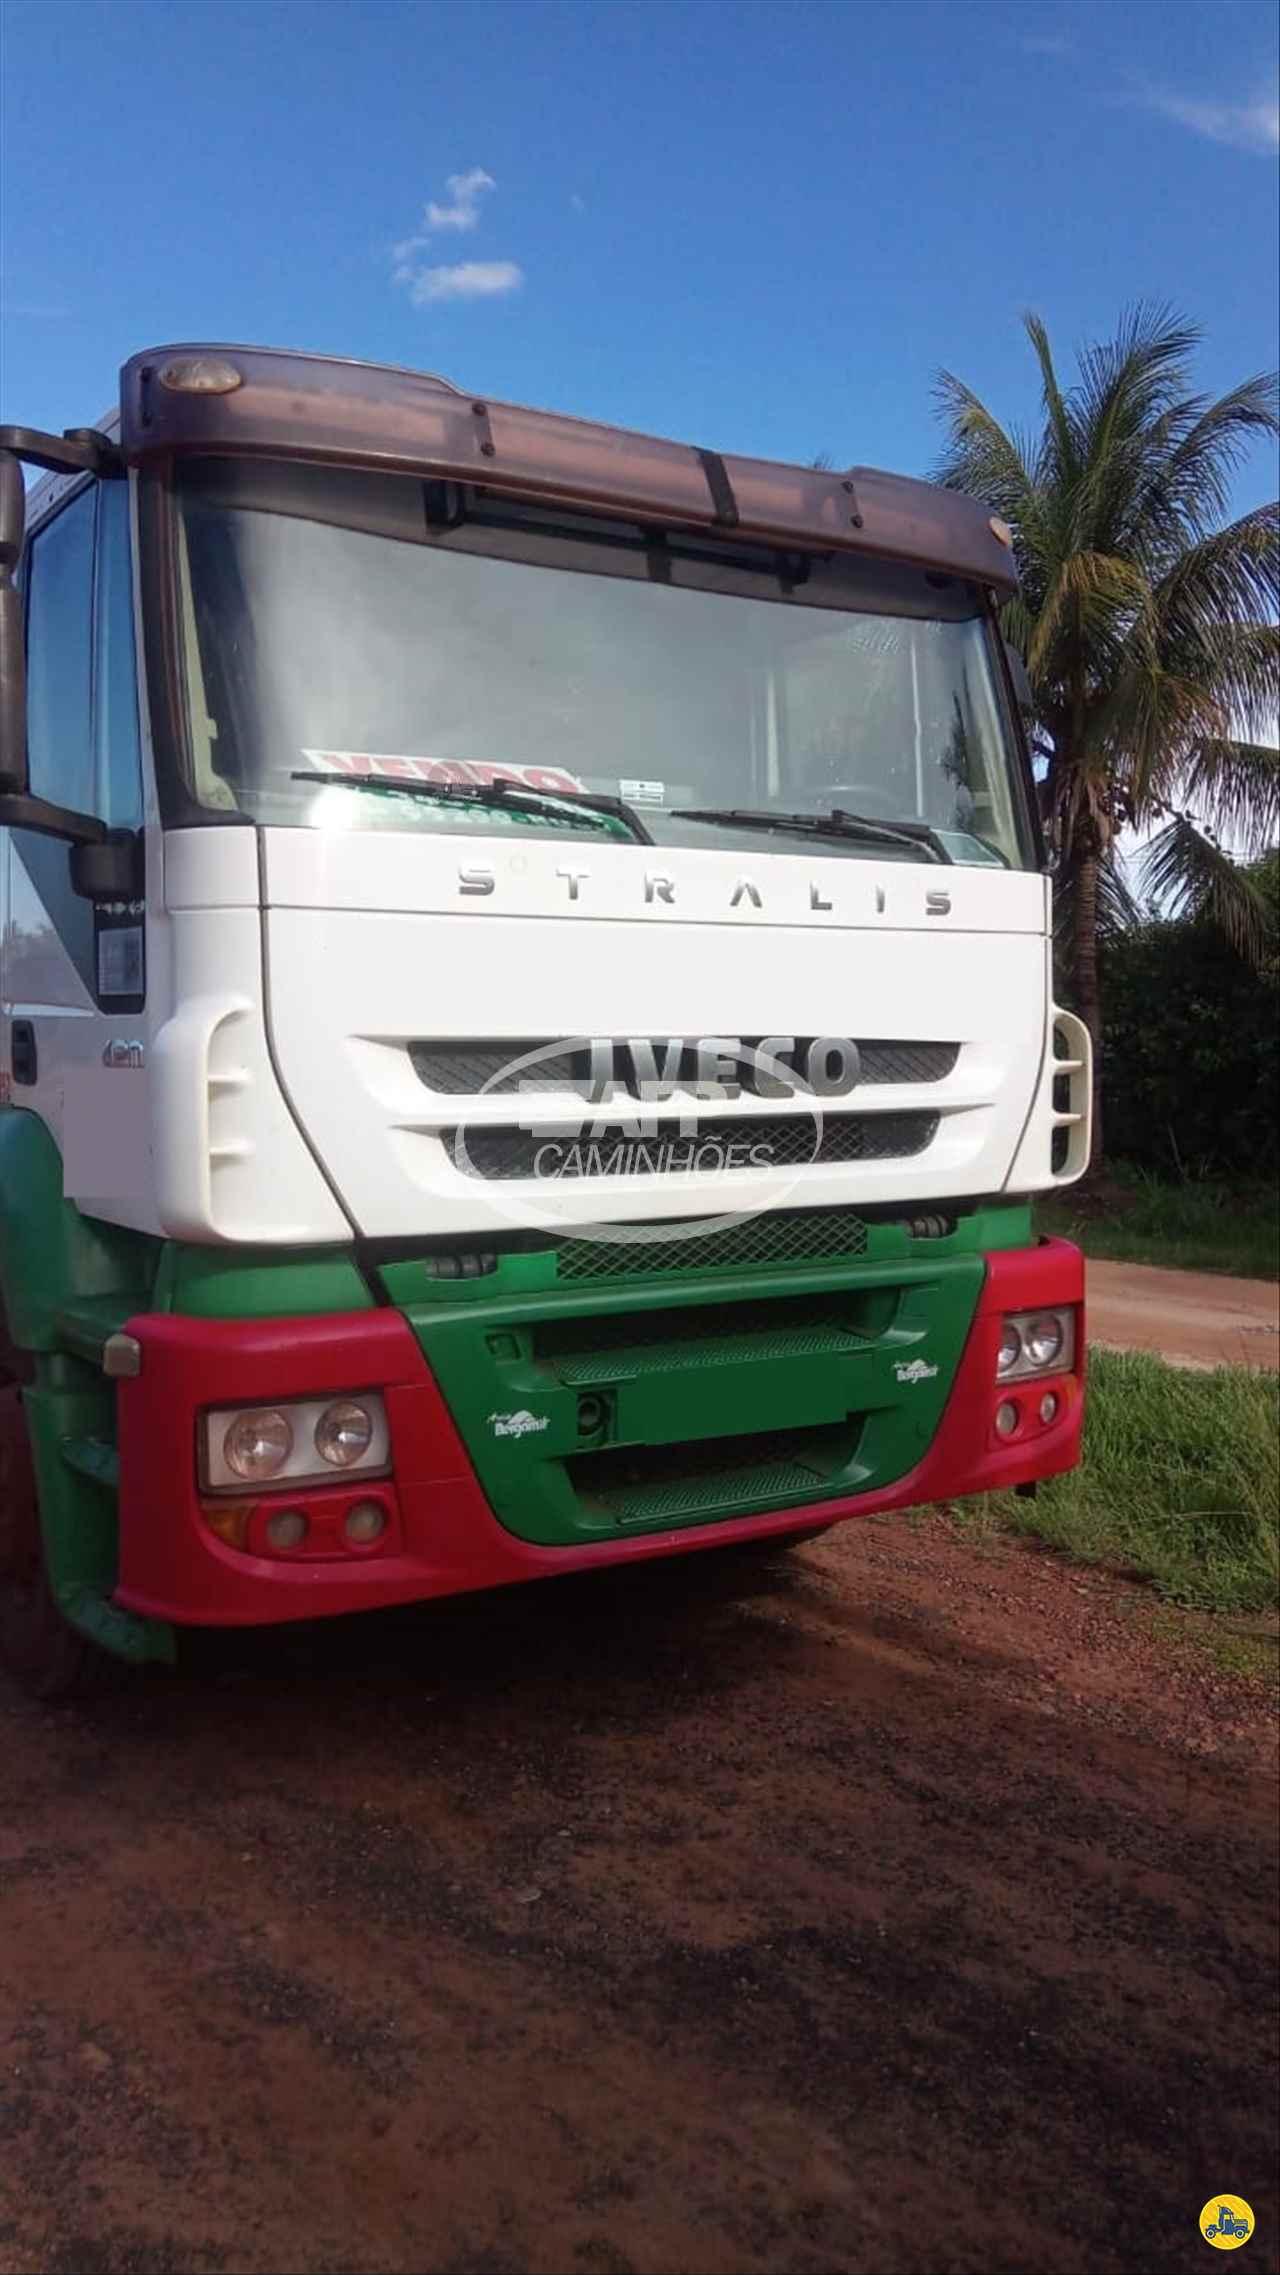 CAMINHAO IVECO STRALIS 420 Cavalo Mecânico Truck 6x2 AFP Caminhões UBERLANDIA MINAS GERAIS MG